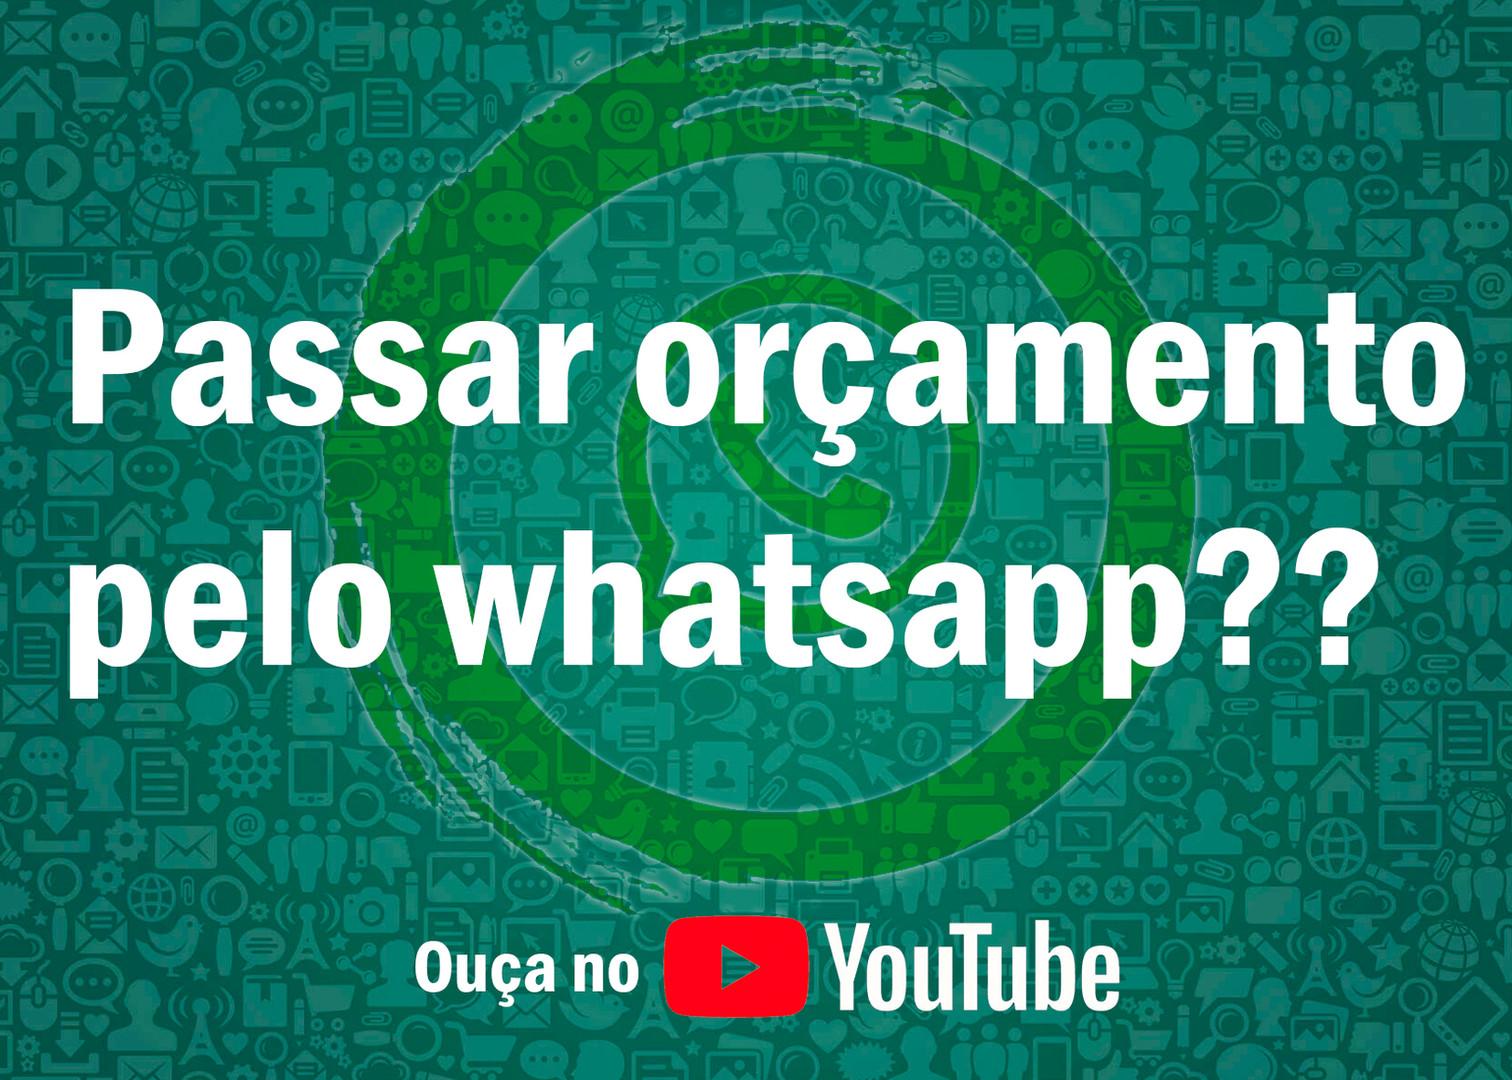 Orçamento por whatsapp